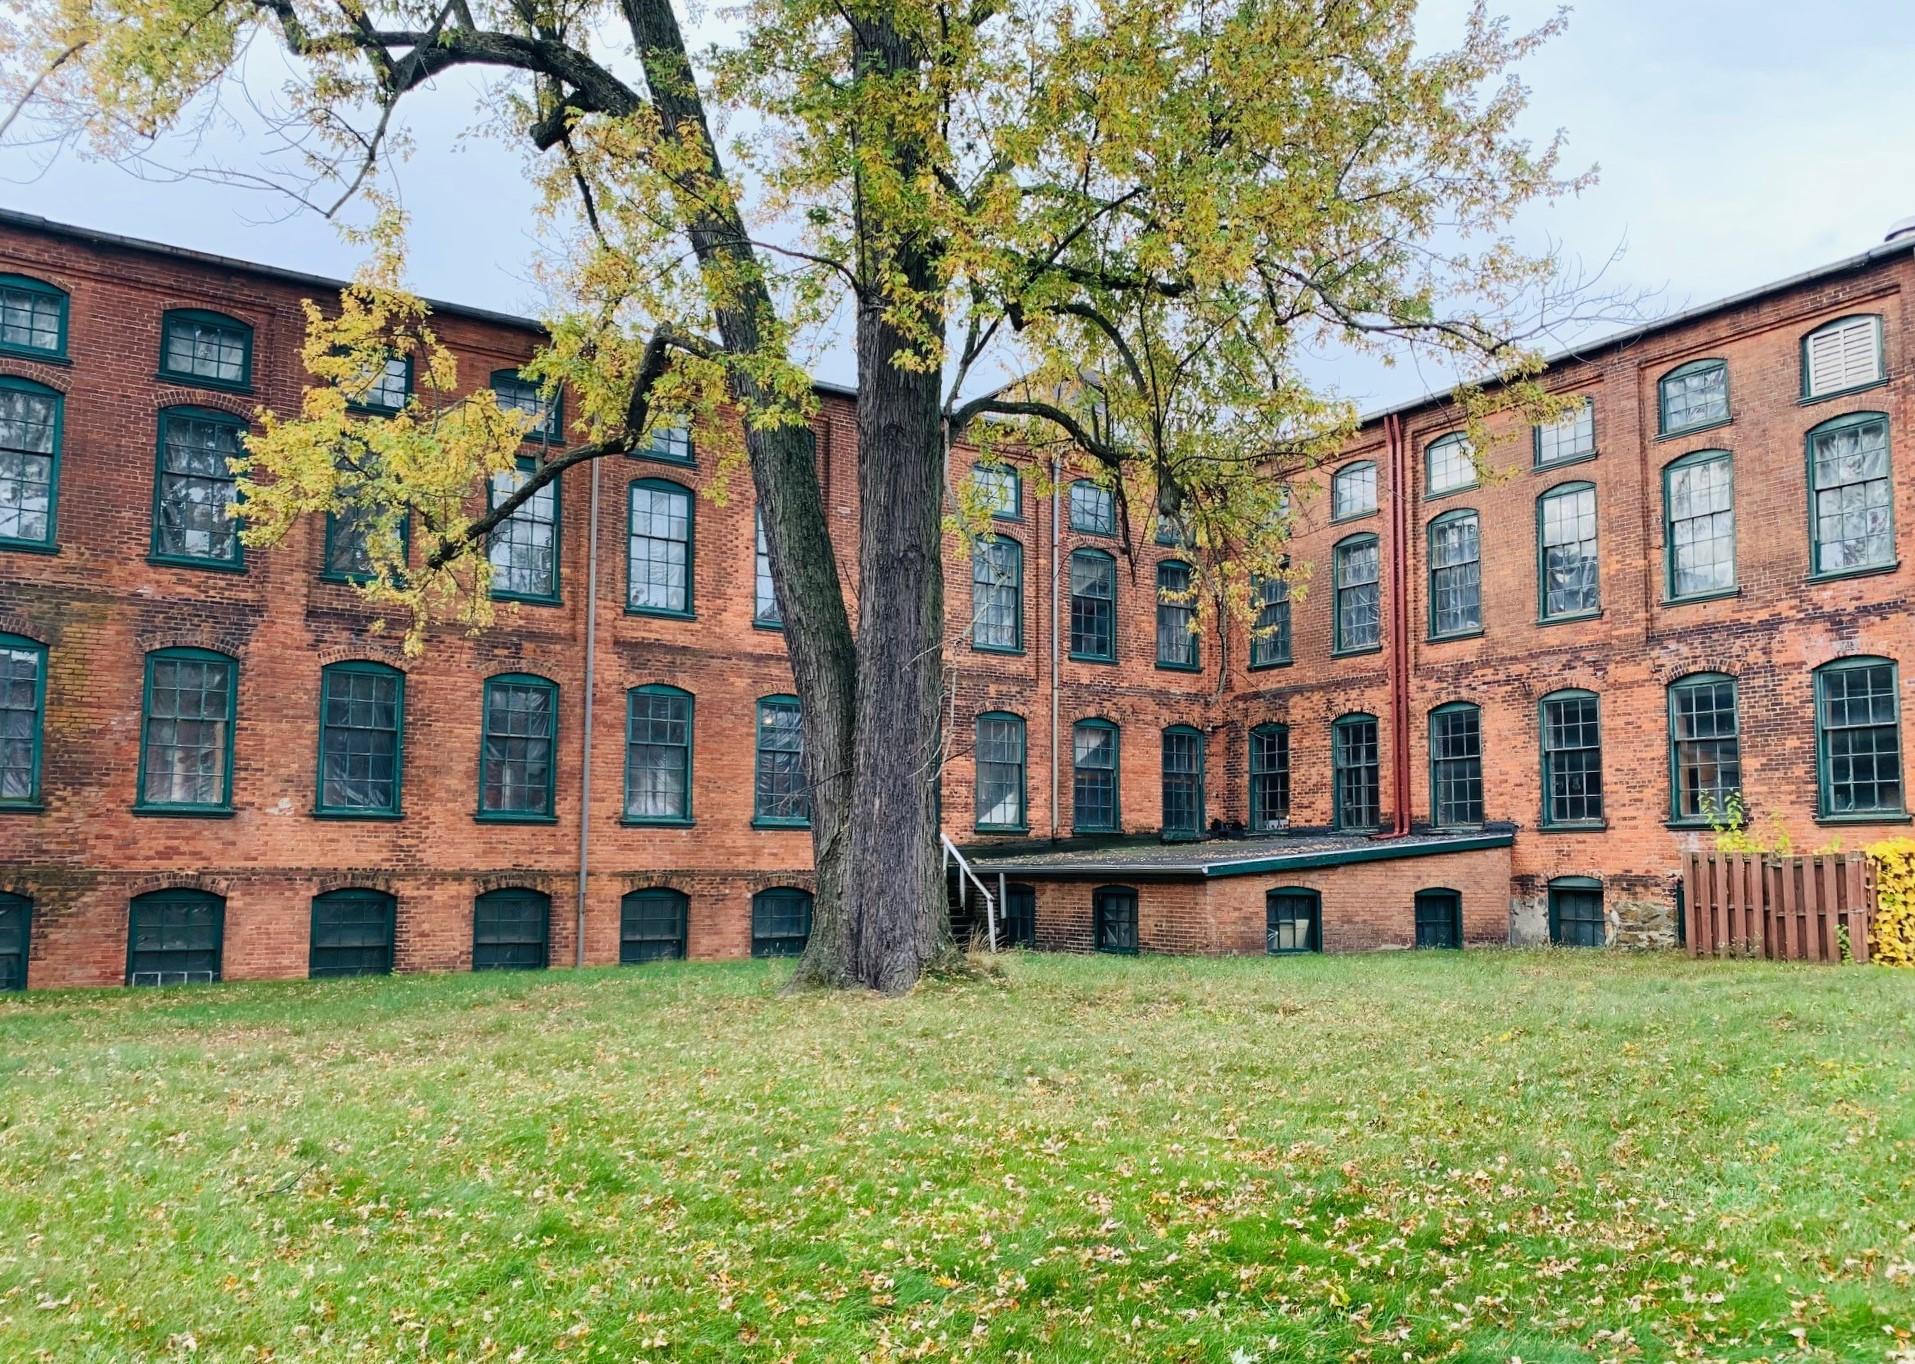 Jackson Automobile Factory factory exterior - interior courtyard 1